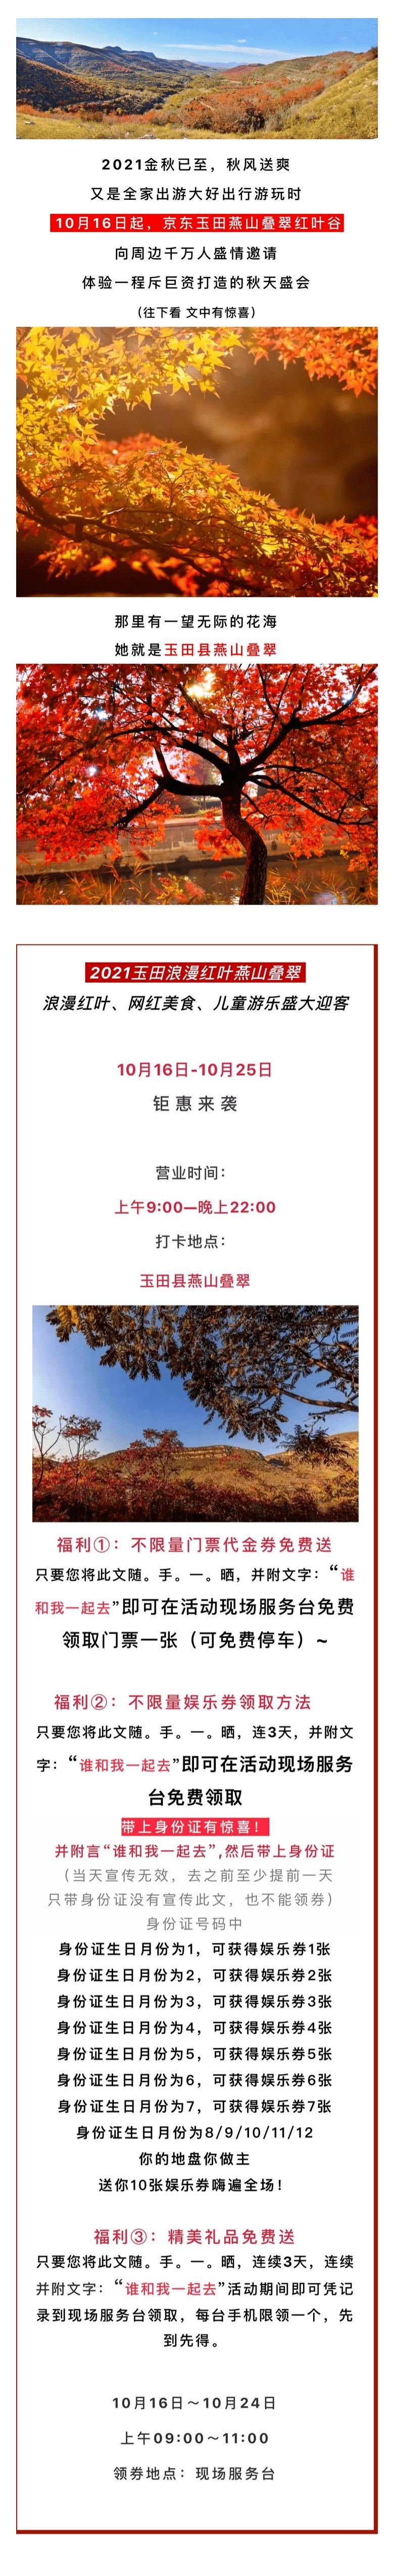 美爆啦!10月16日玉田迎来浪漫红叶旅游节